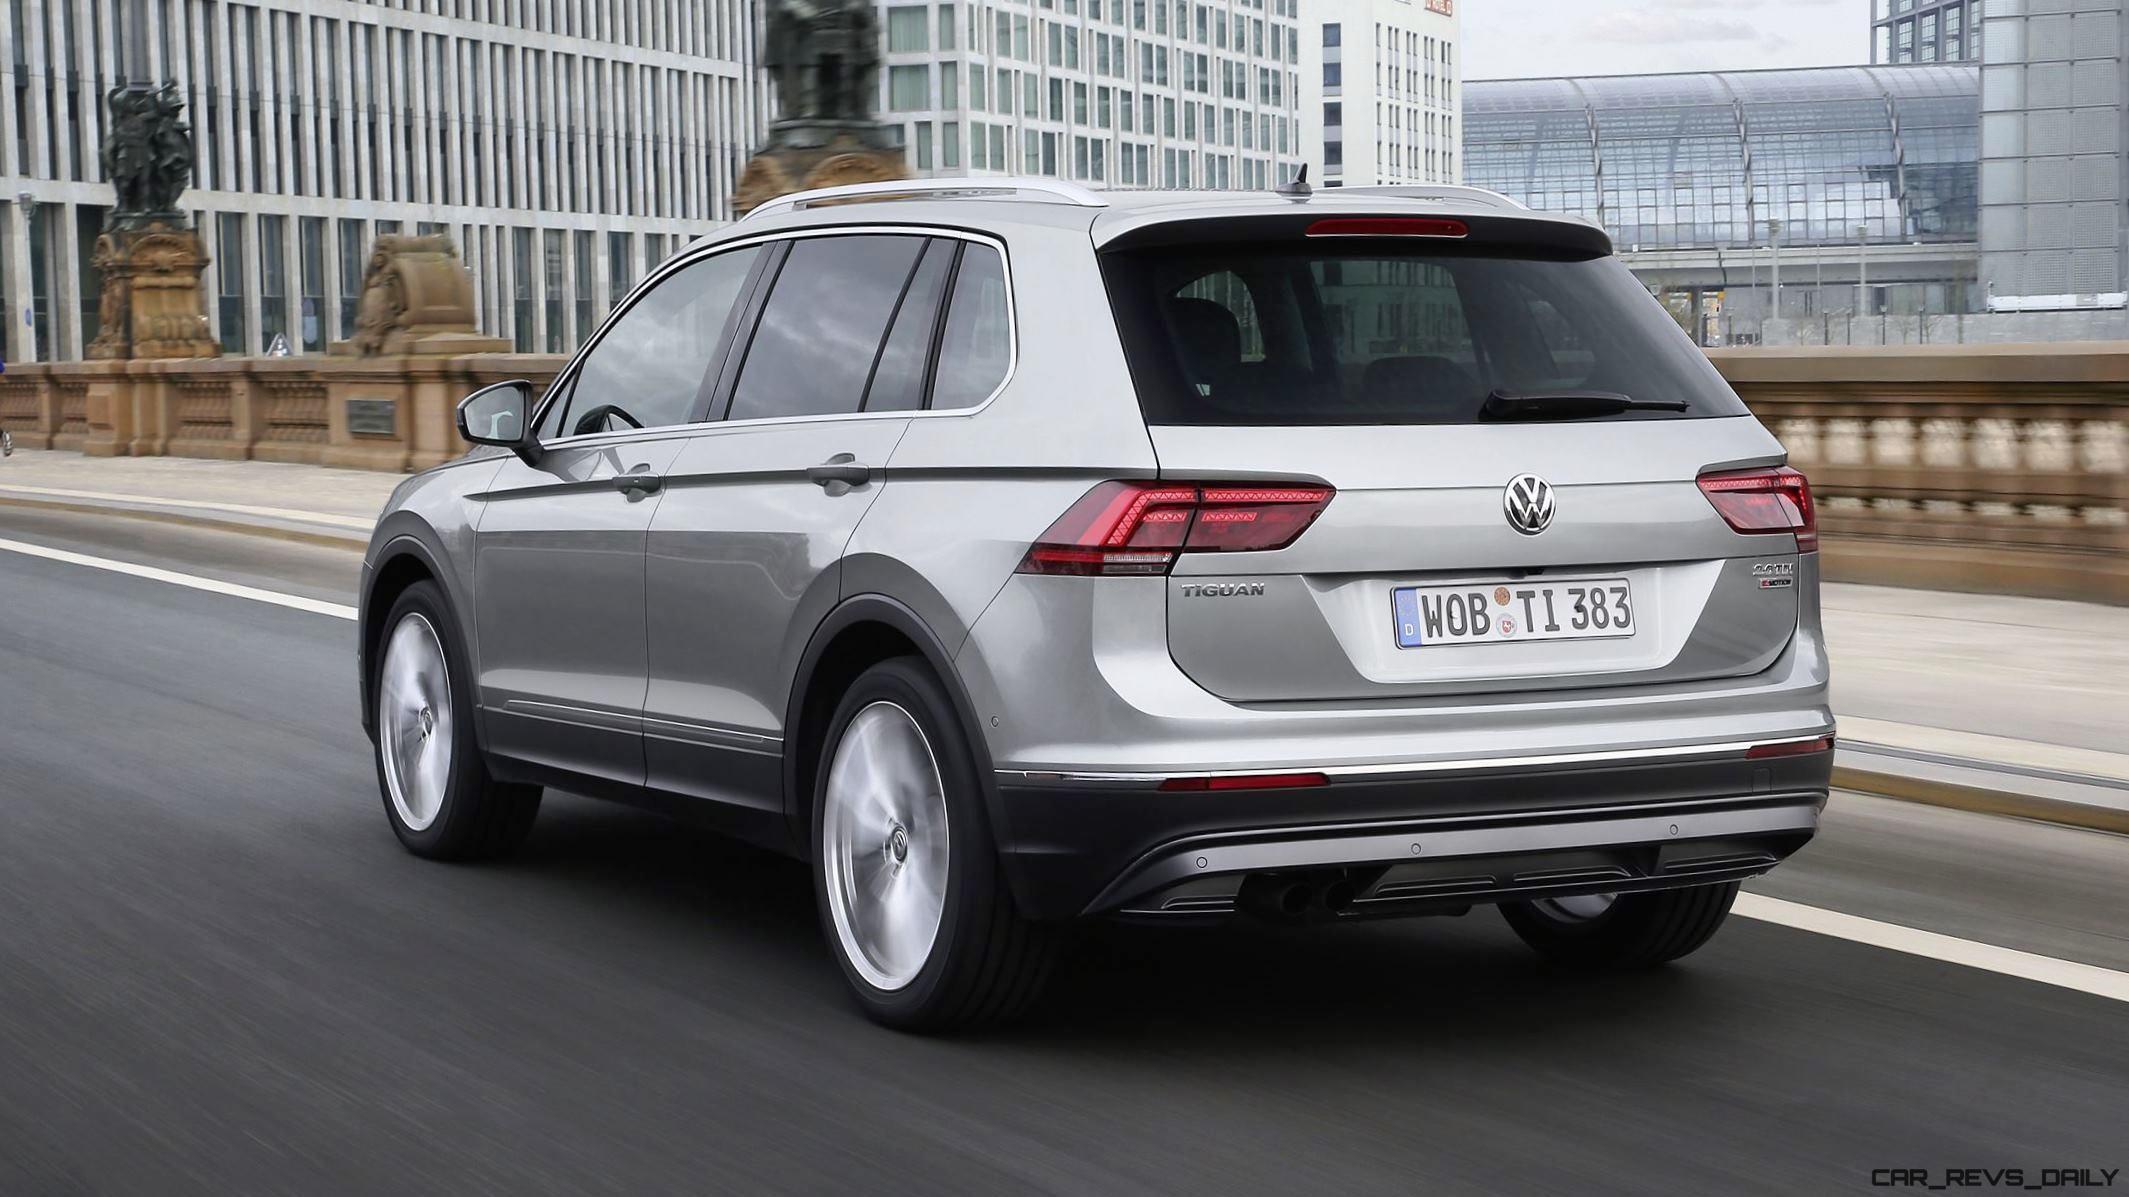 100 volkswagen jeep volkswagen ireland new u0026 for Mercedes benz biome price in usa